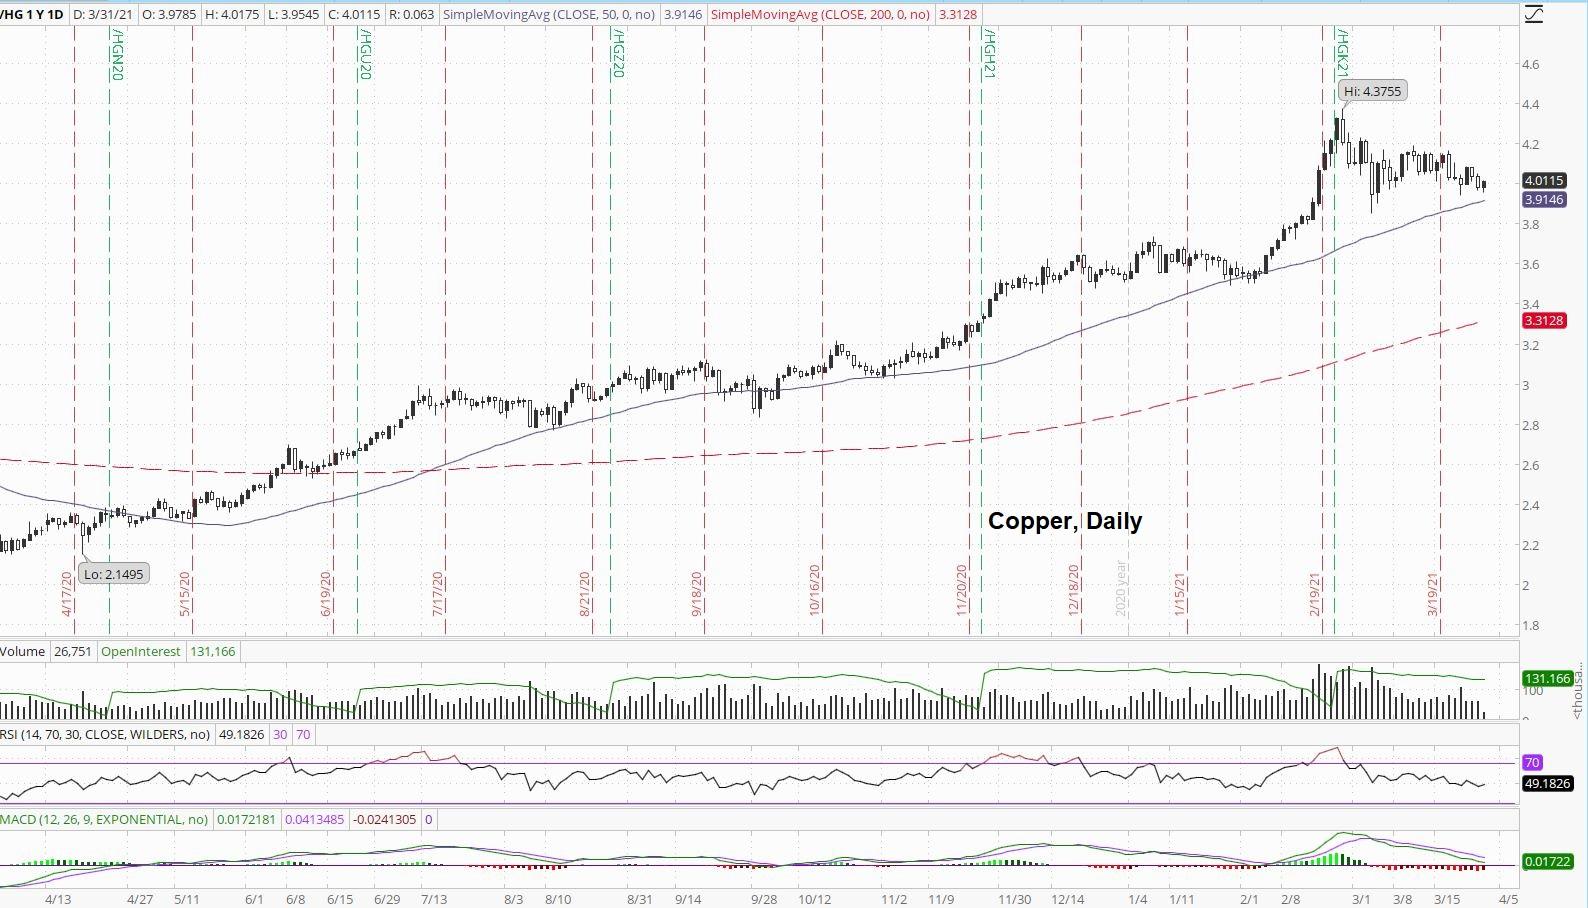 Daily Copper Price